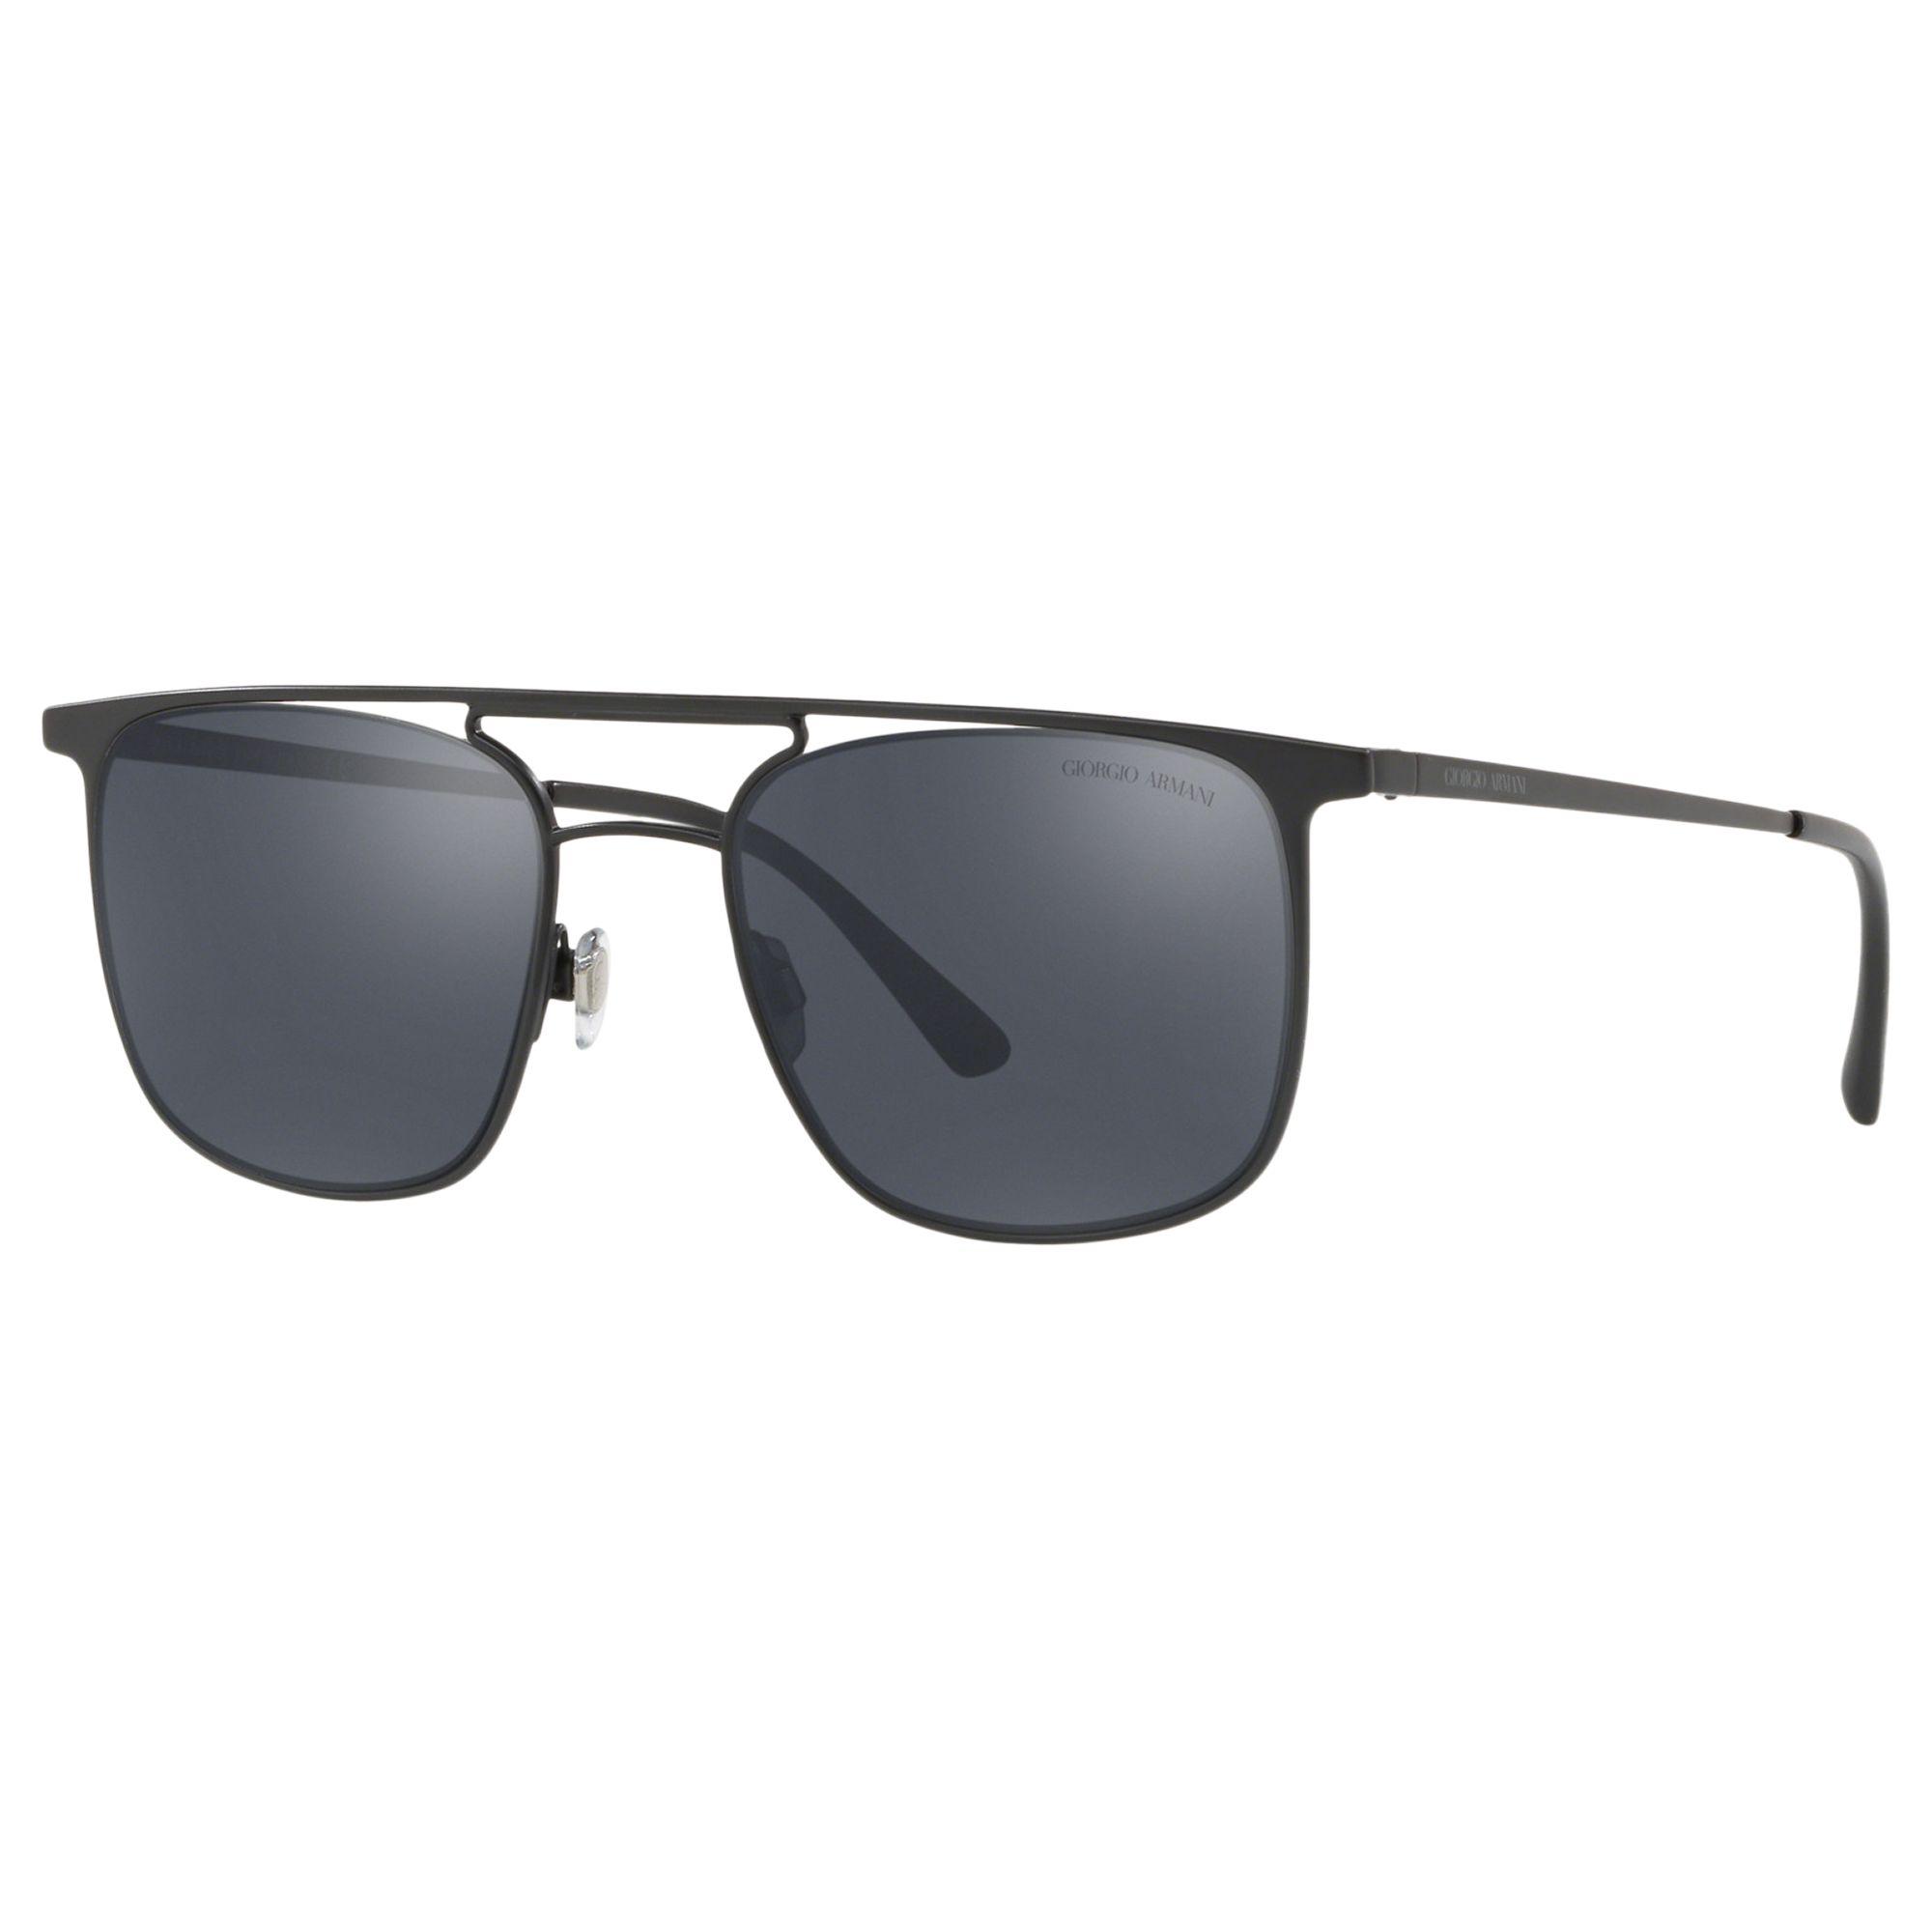 Giorgio Armani Giorgio Armani AR6076 Men's Square Sunglasses, Matte Black/Grey